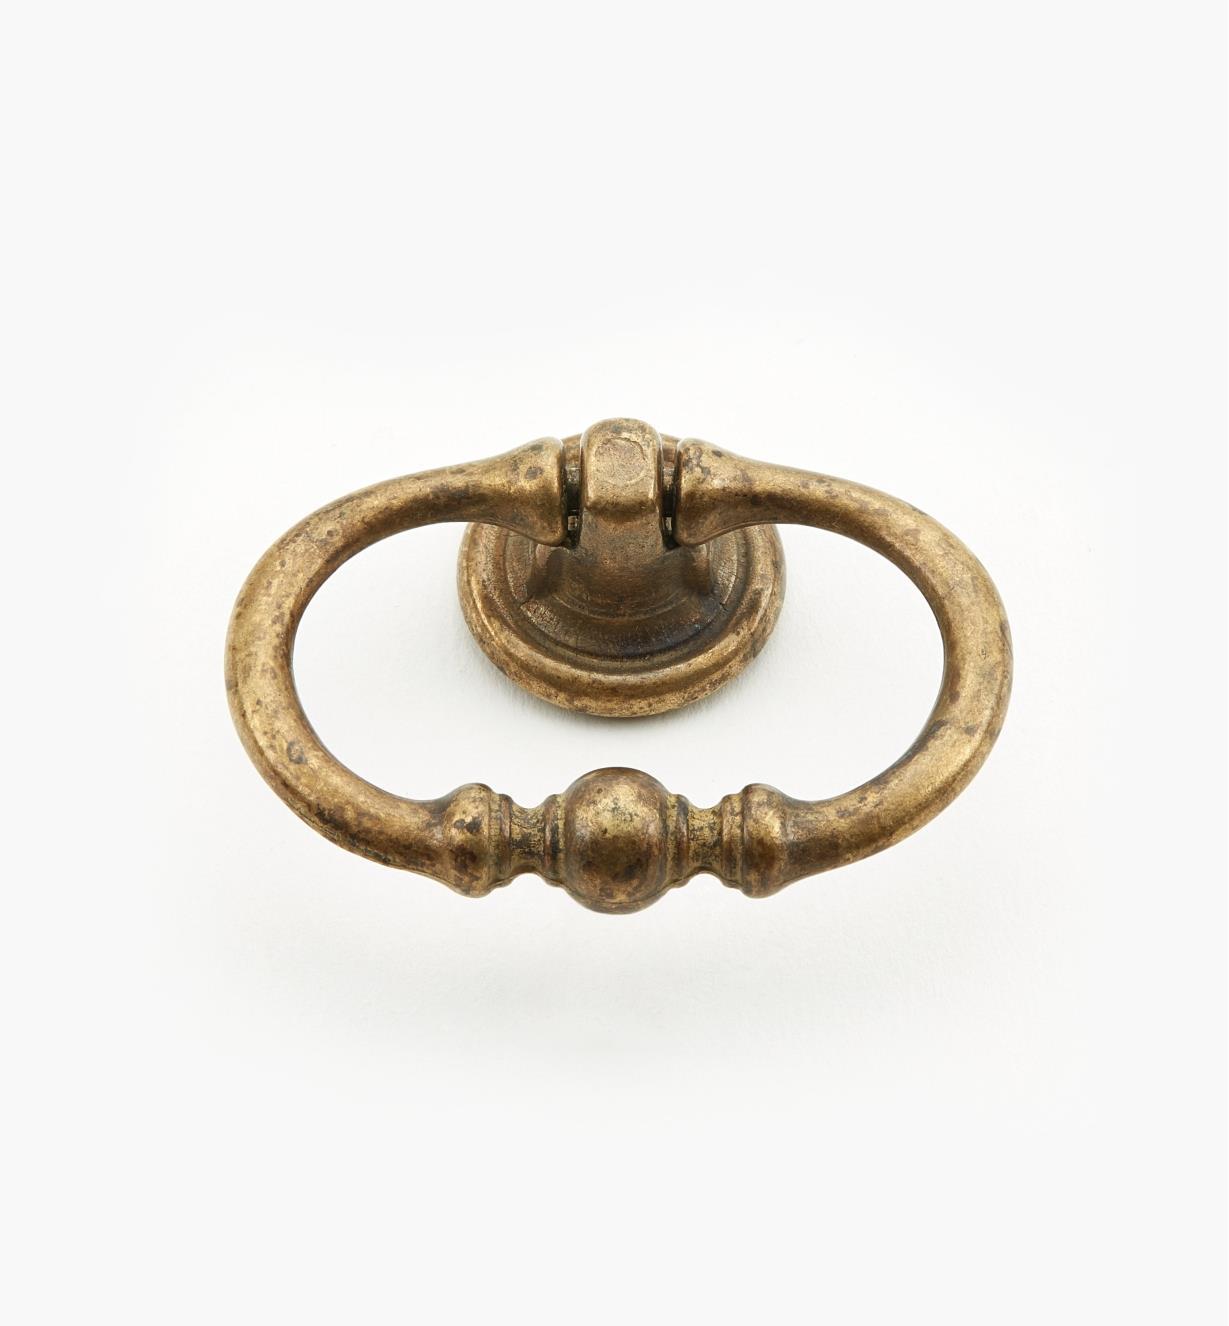 01A3971 - Poignée à anneau ovale de 55 mm, quincaillerie à trois perles, série I